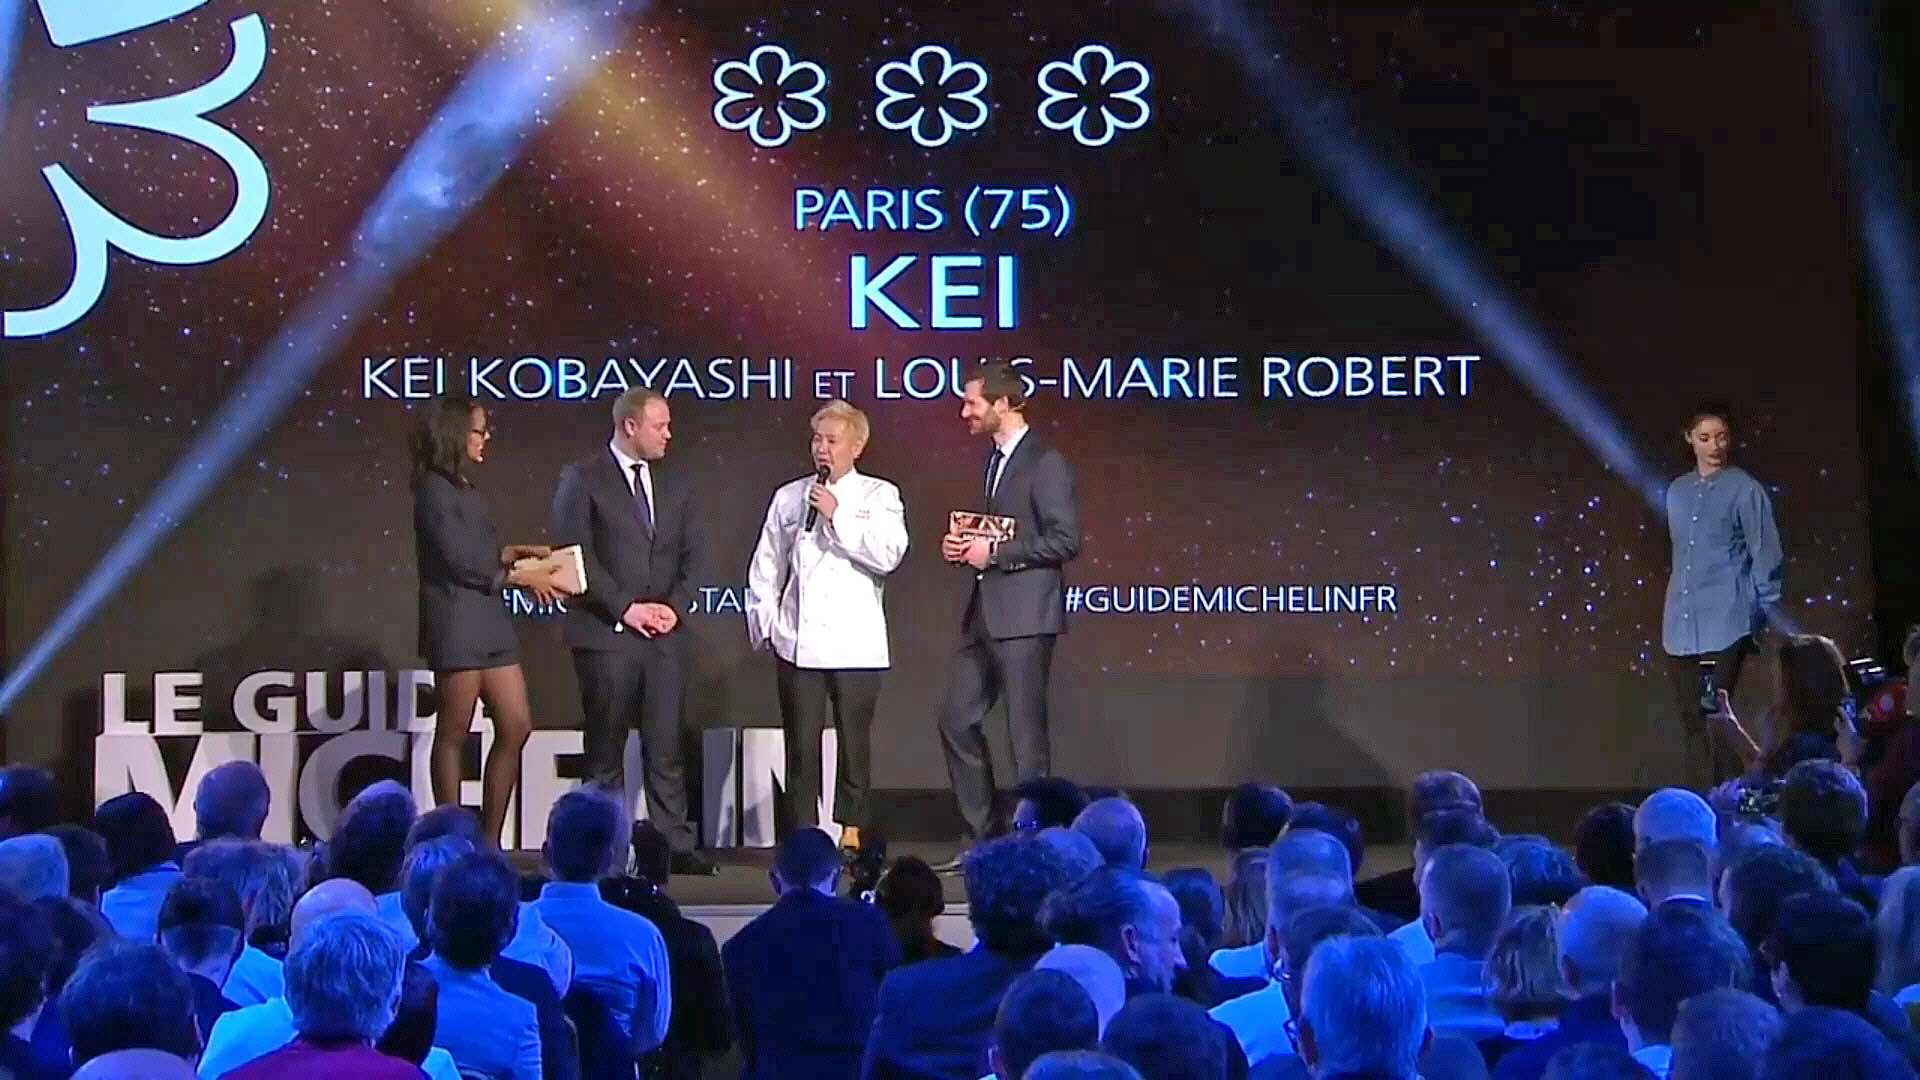 Kei Kobayashi, nouveau 3 étoiles